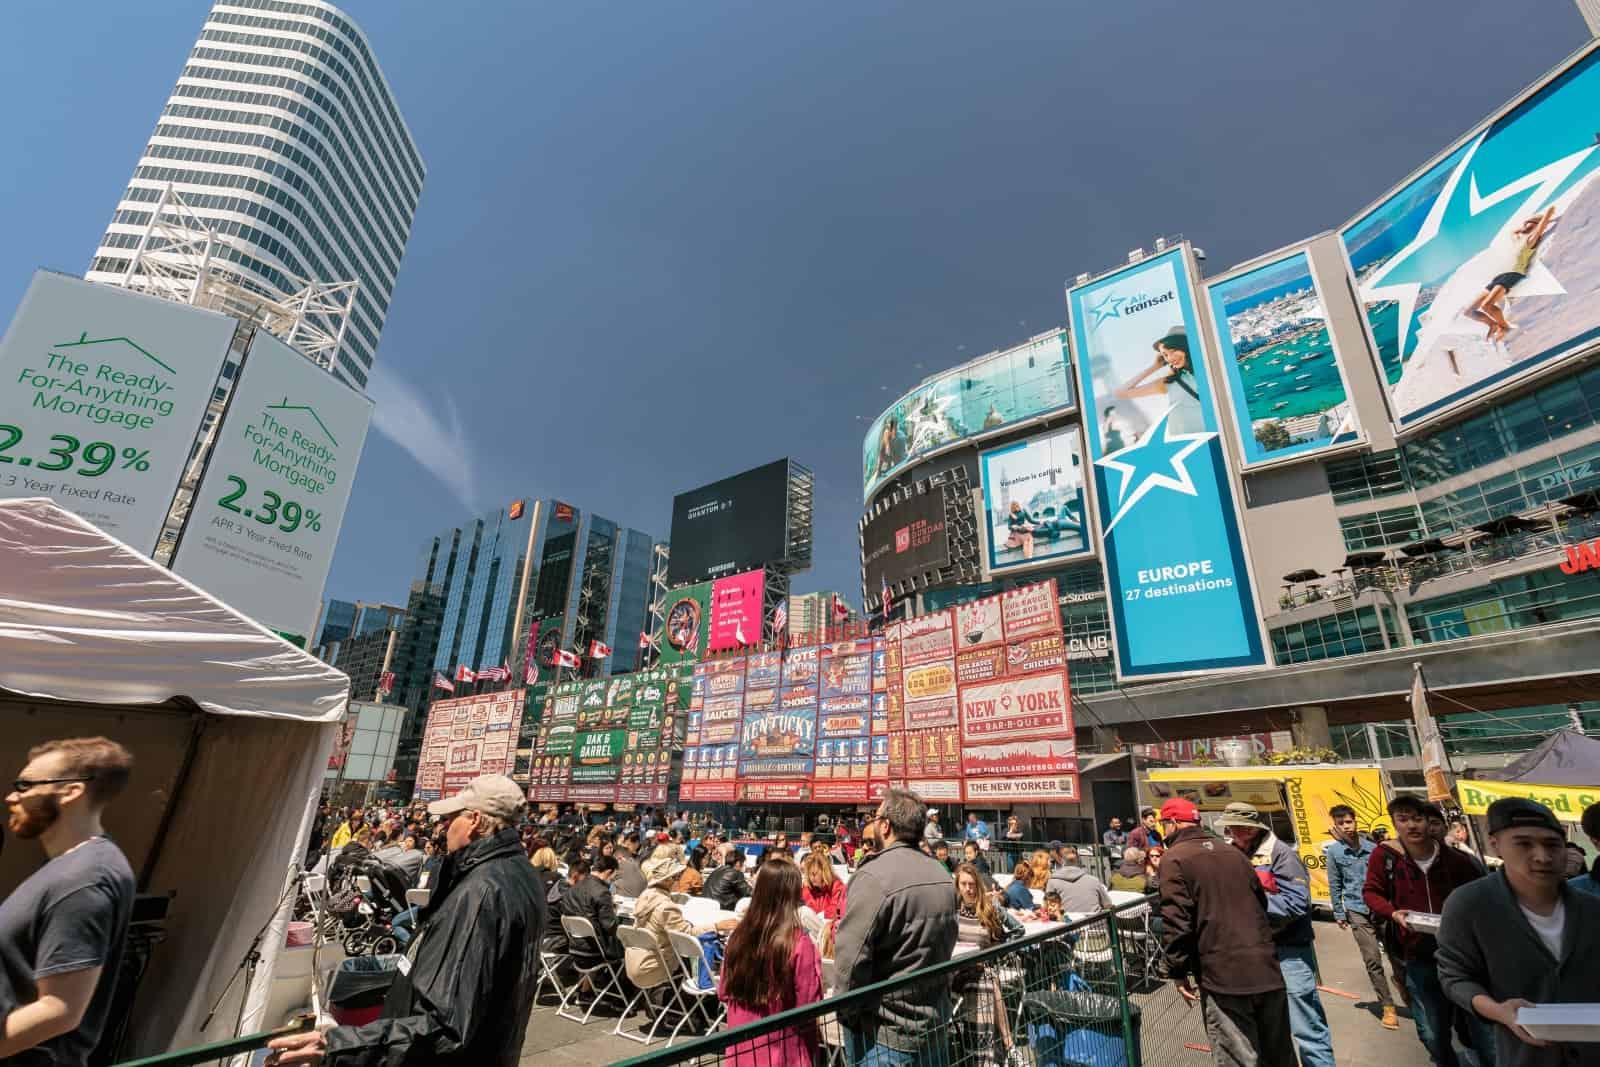 Der Dundas Square in Toronto, mit 56 Millionen Menschen jährlich sicherlich der am meisten frequentierte öffentliche Platz Kanadas. Foto vitalhuman